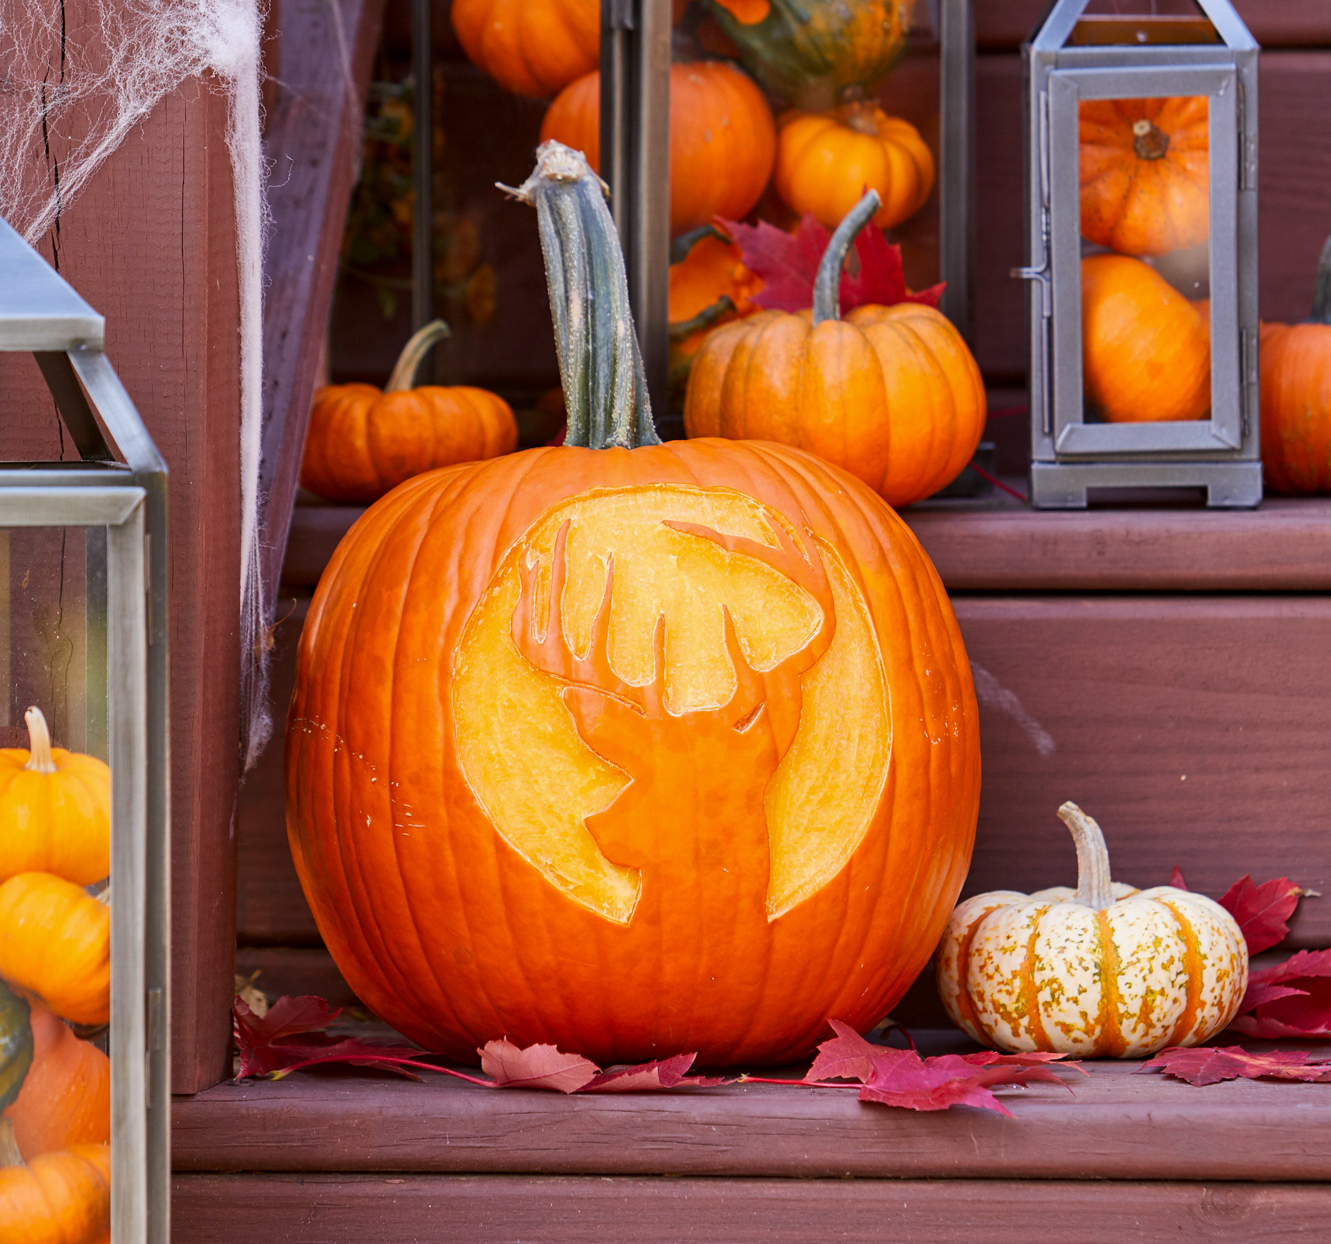 Pumpkin-Flower-Pop-Up-Card-halloween-pop-up-cards-pop-up-halloween-cards-diy-halloween-pop-up-cards-templates-diy-halloween-pop-up-cards-wholesale-manufacture-vietnam-wholesale-vendor.jpg